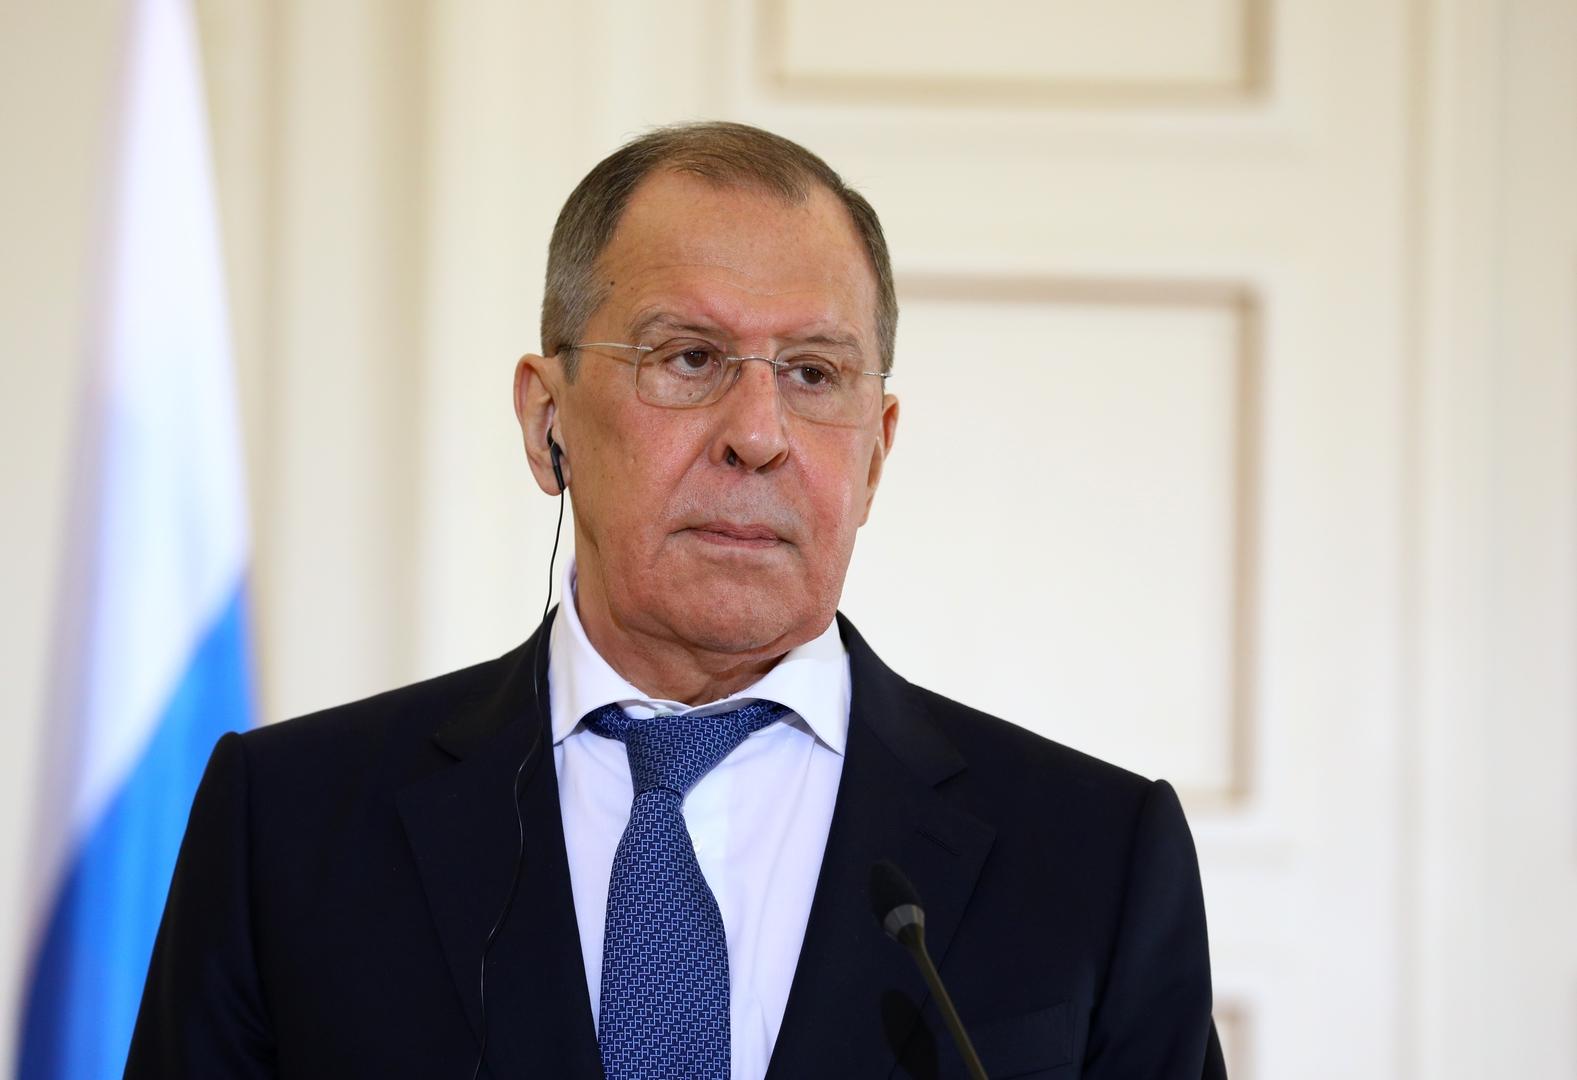 لافروف: واشنطن والاتحاد الأوروبي يضاعفان جهودهما لردع روسيا